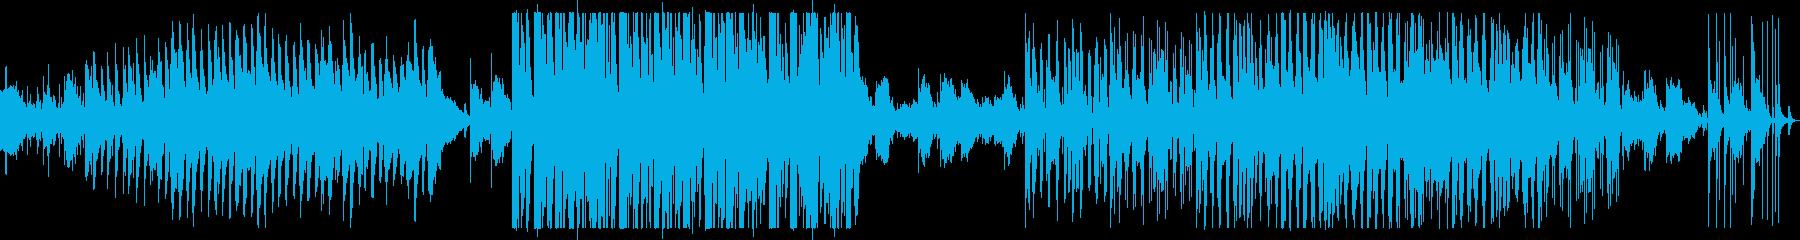 不思議なピアノ曲の再生済みの波形